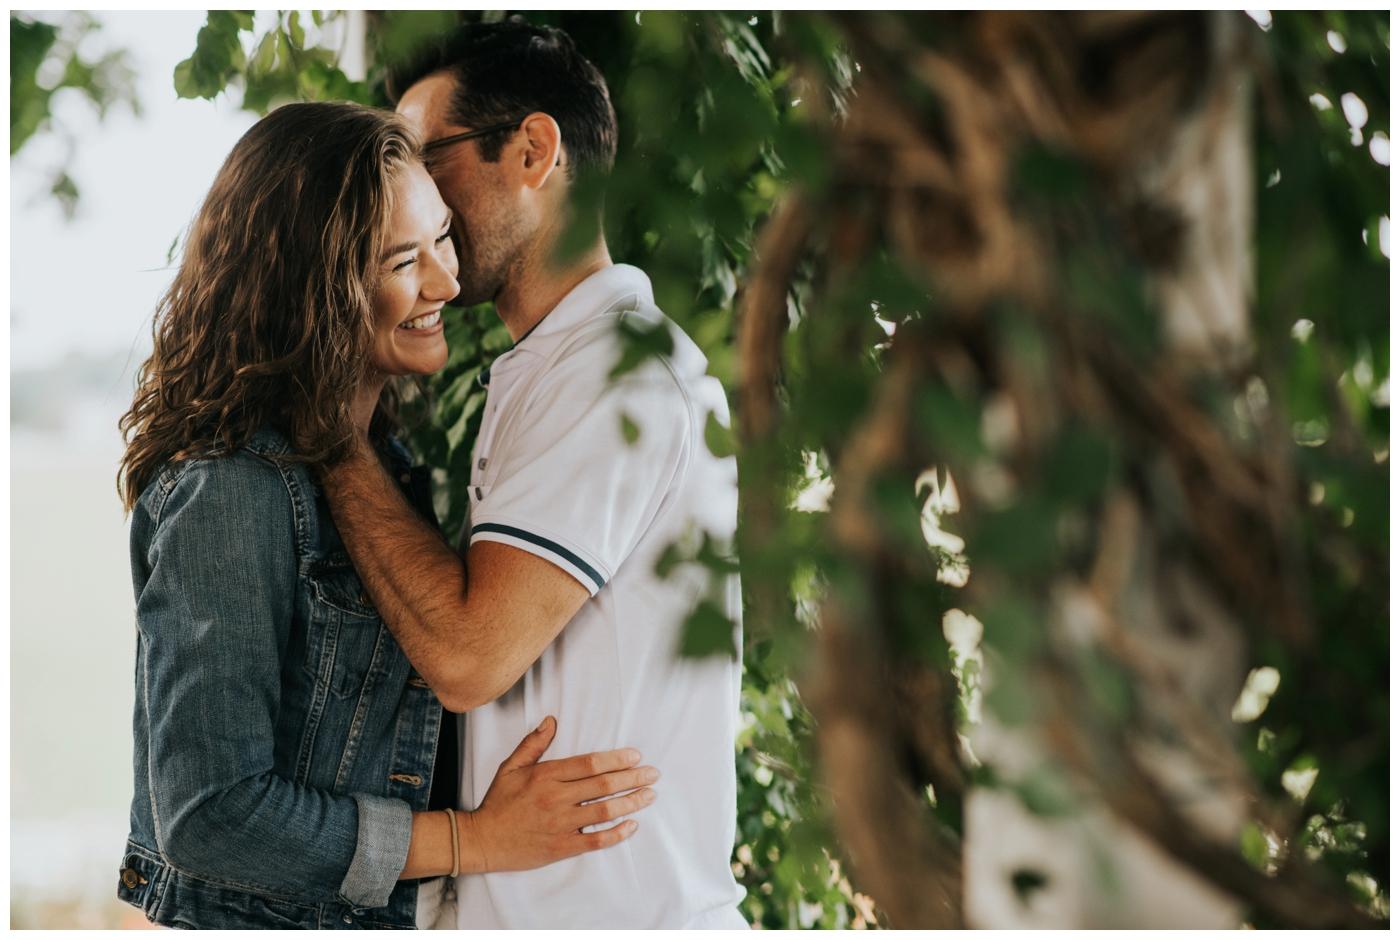 EngagementsessionCleveland_0012.jpg